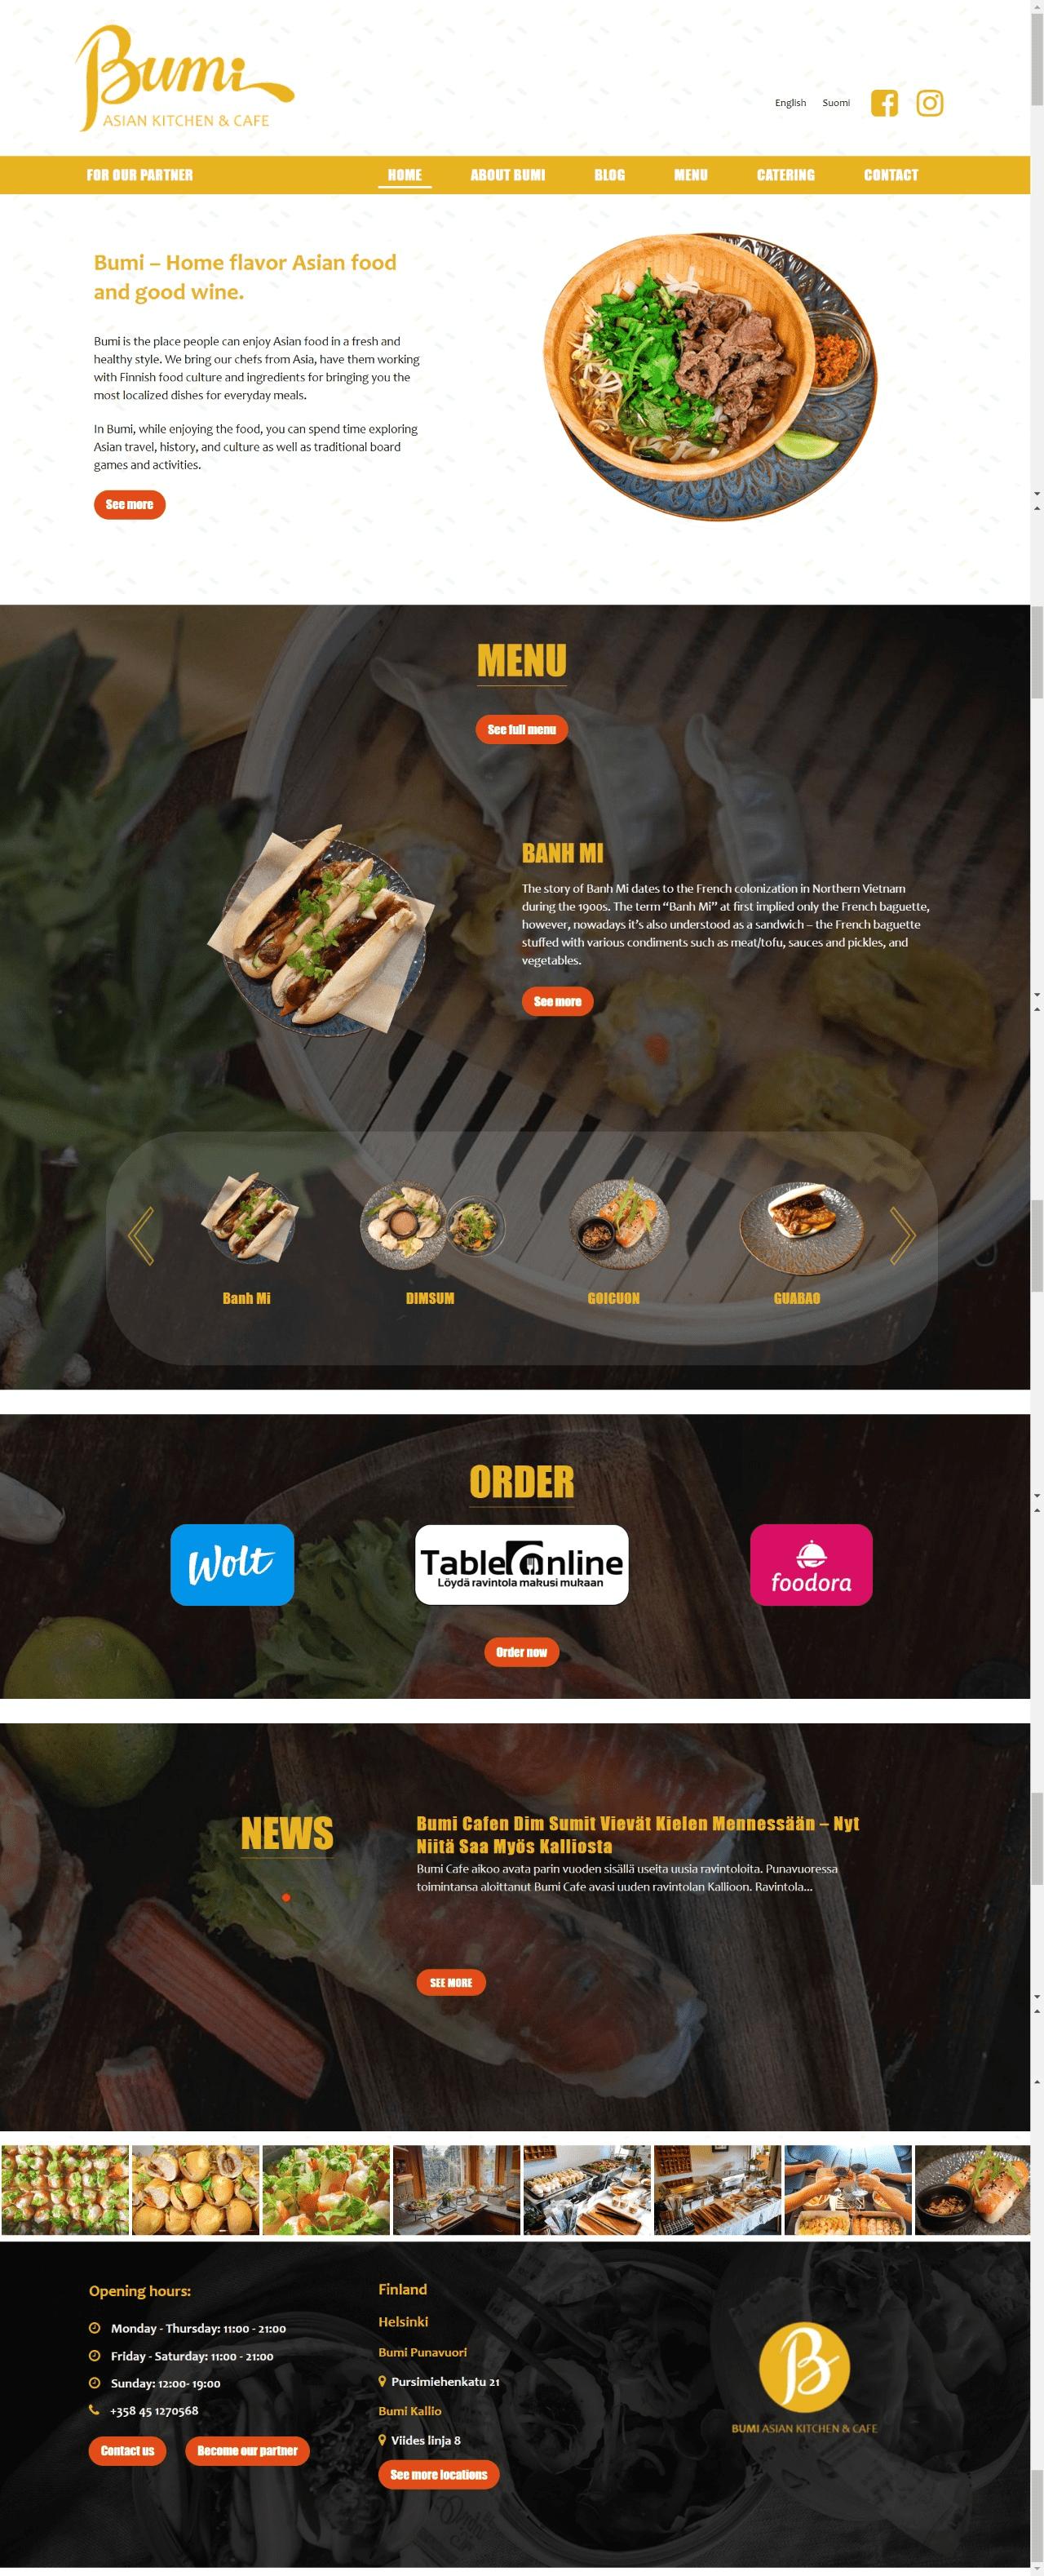 thiết kế website bumicaffe